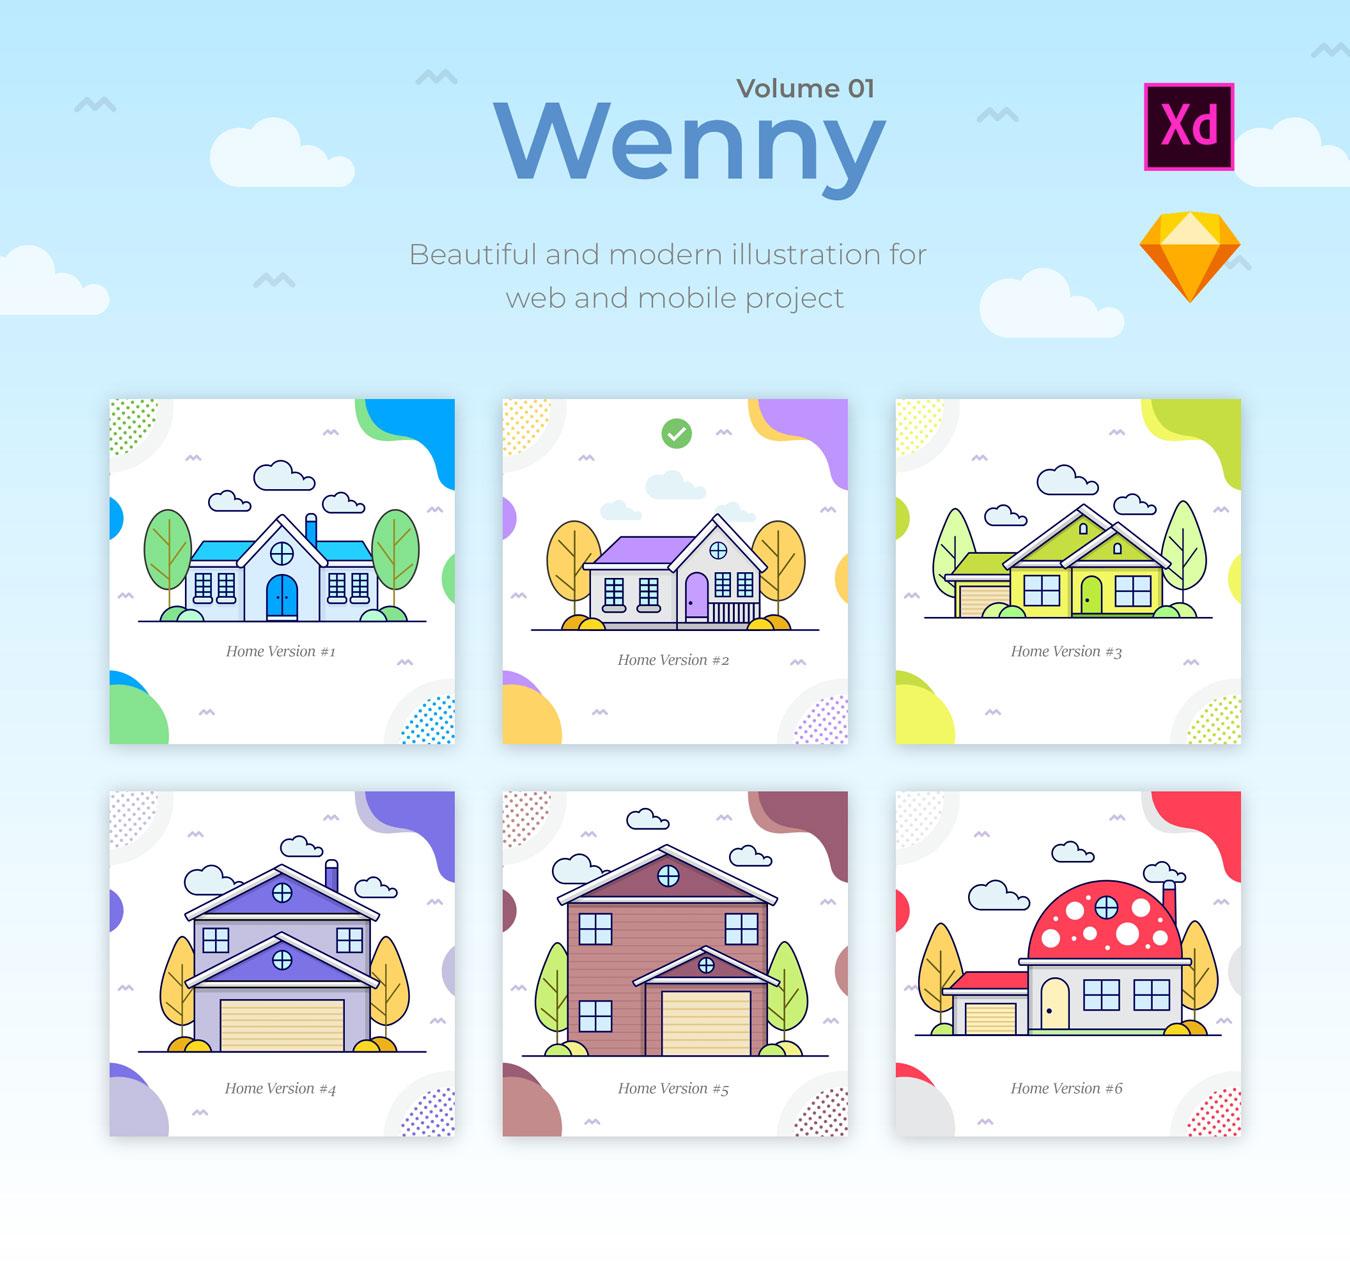 5款温馨的房屋建筑矢量插图 Wenny House Illustrations插图(4)